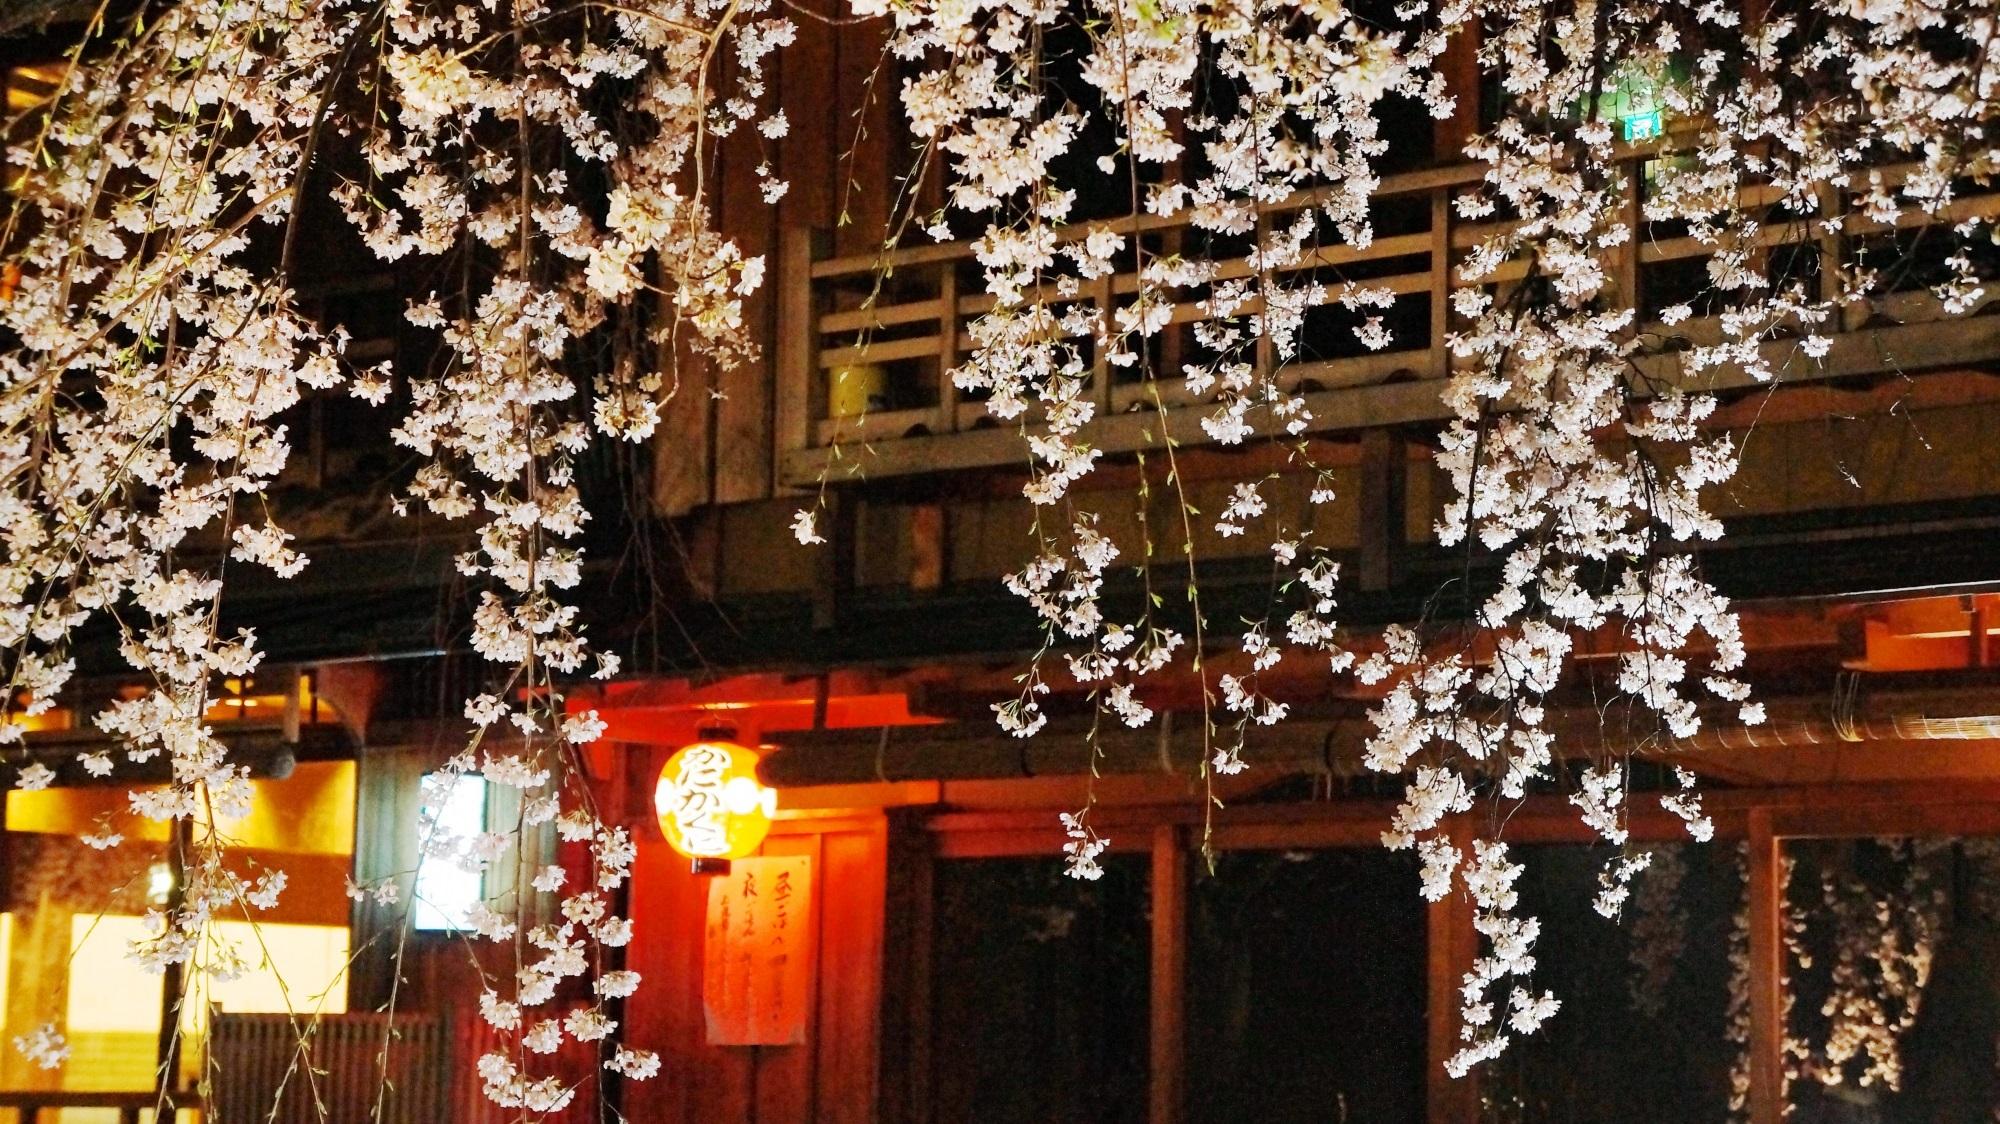 夜桜と情緒あふれる街並み